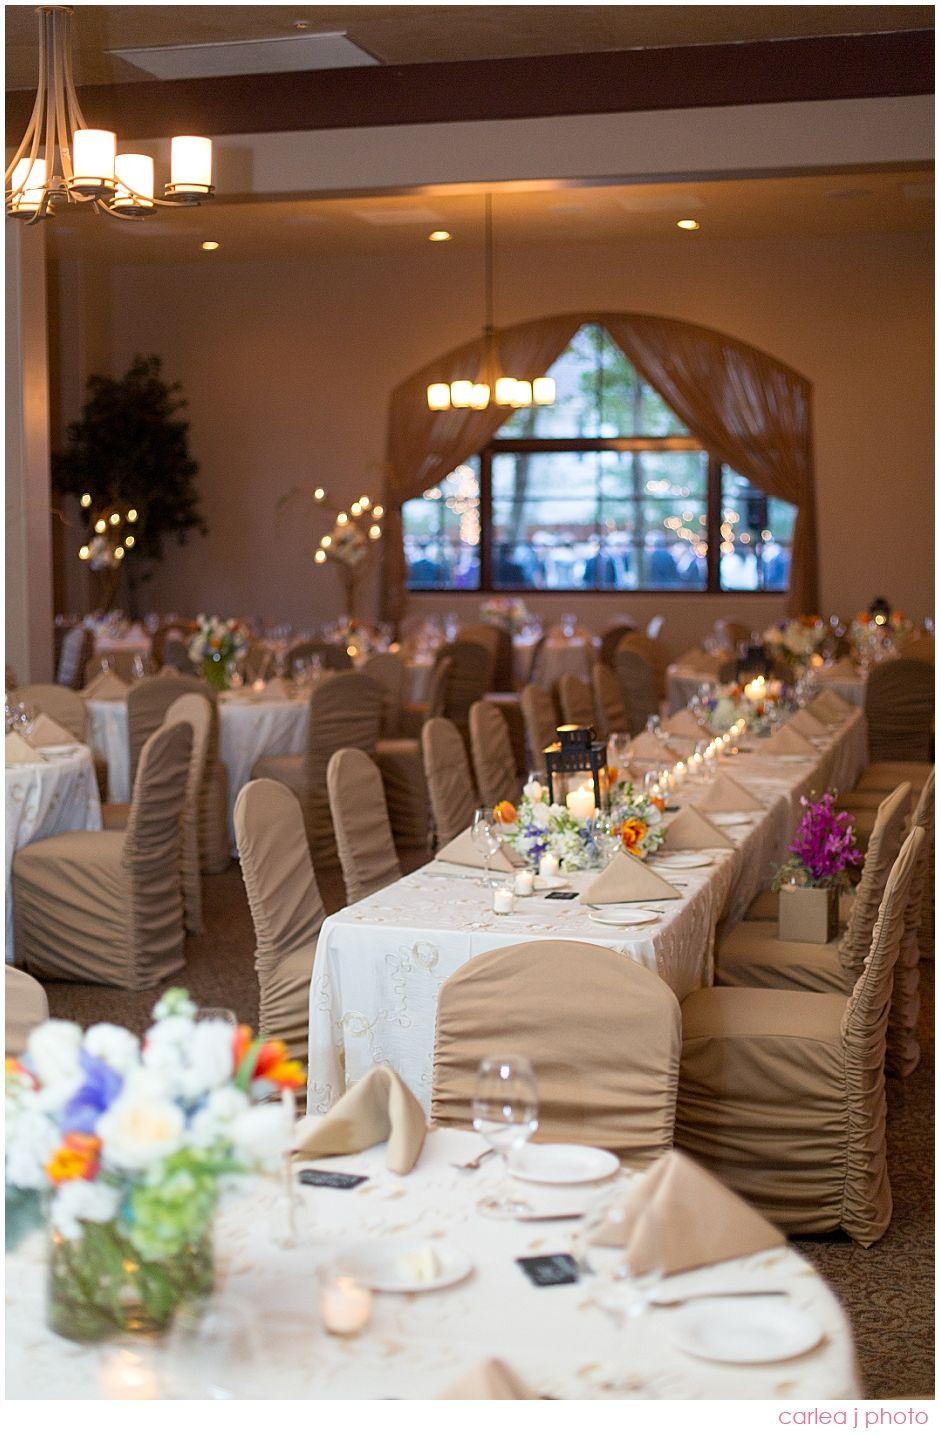 Table Set up | My wedding Ideas | Pinterest: pinterest.com/pin/502010689685173798